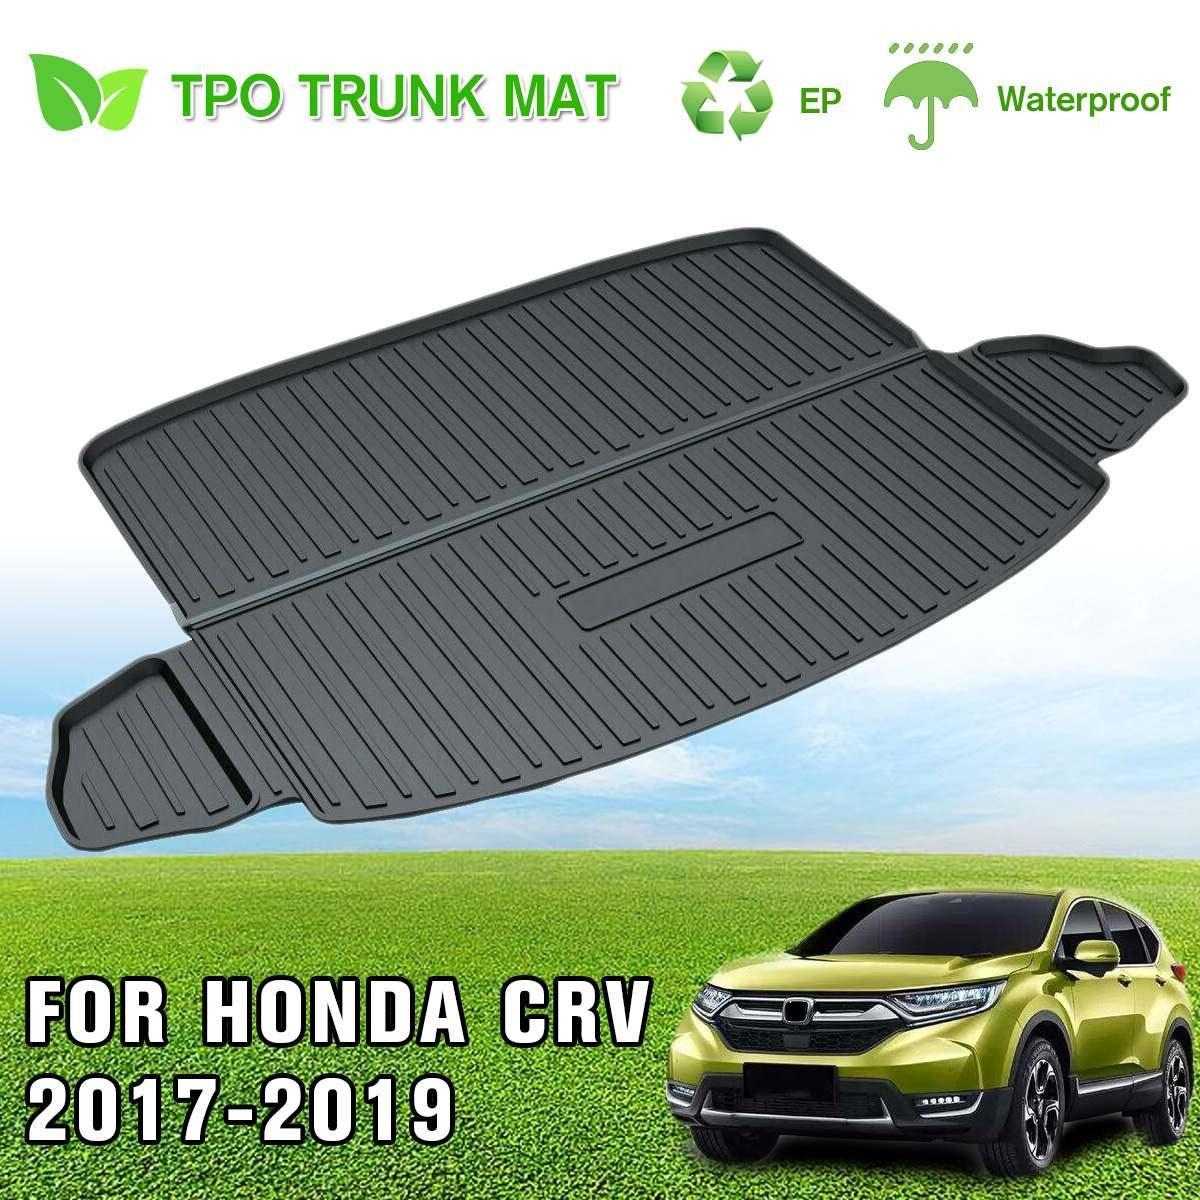 Nouveau coffre arrière de voiture doublure cargaison botte TPO tapis de sol boue coup de pied protecteur tapis pour Honda pour CR-V pour CRV 2017 2018 2019